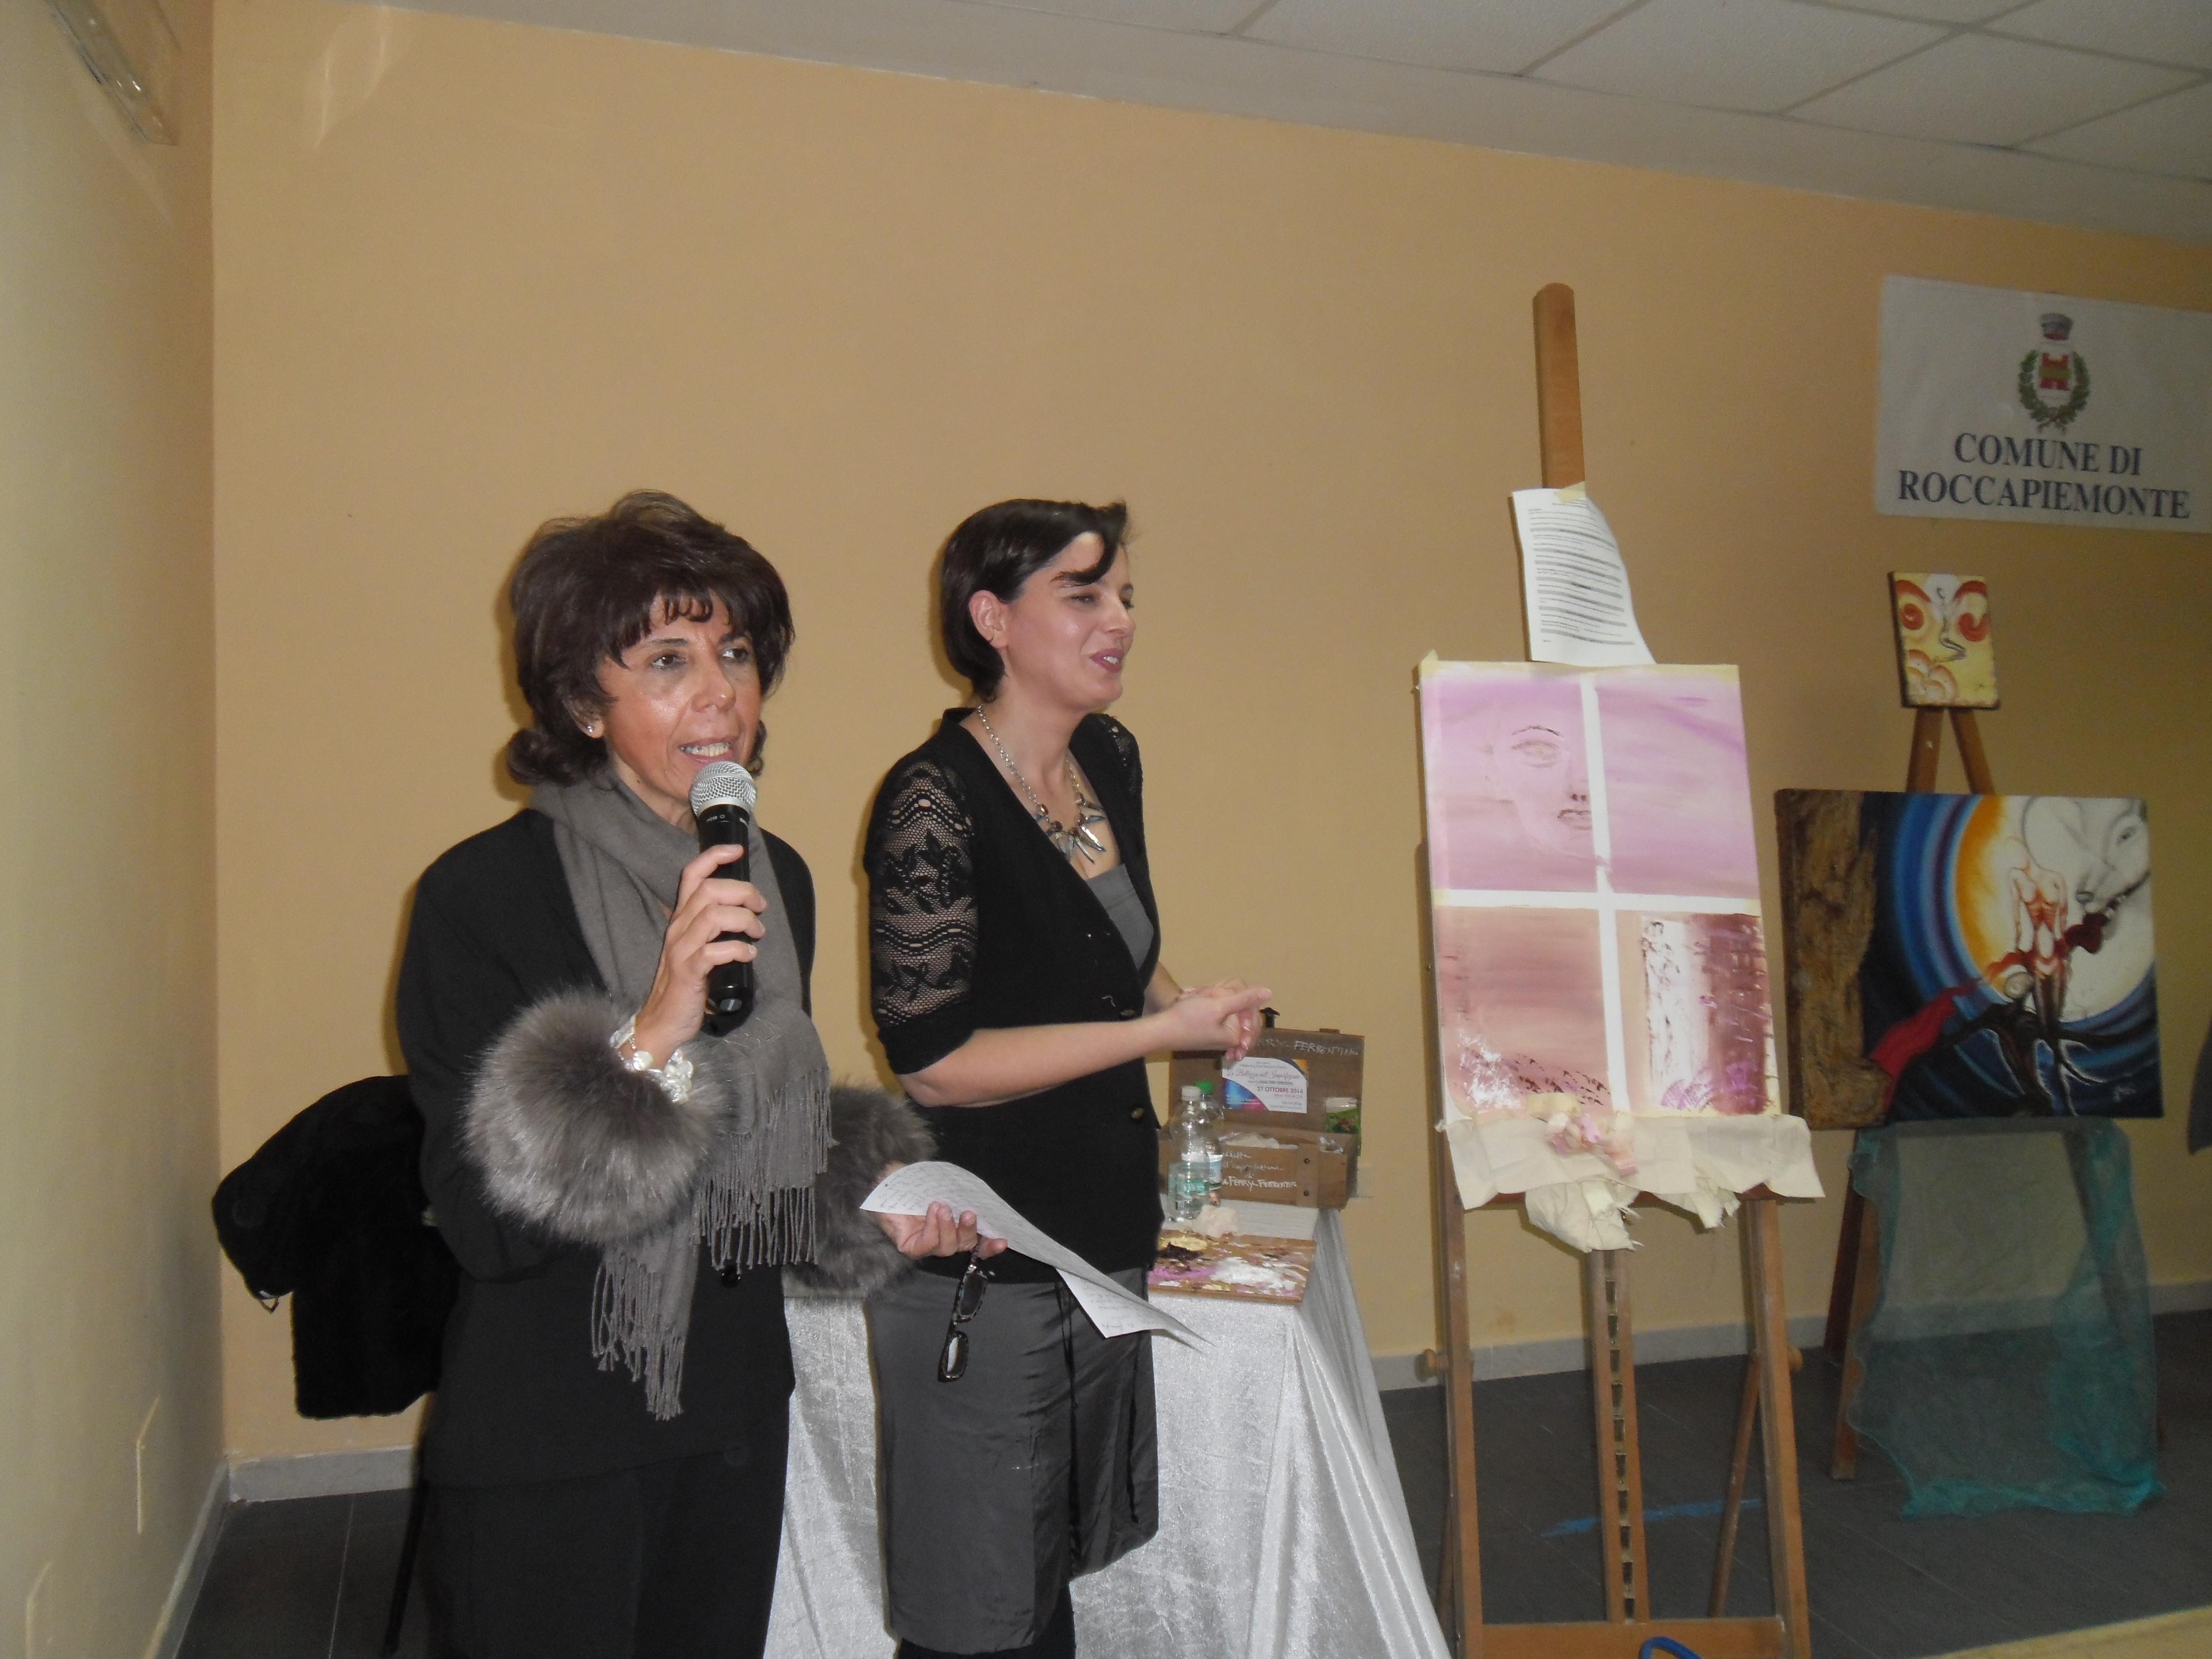 Roccapiemonte convention femminicidio prevenzione e for Pulizie domestiche salerno